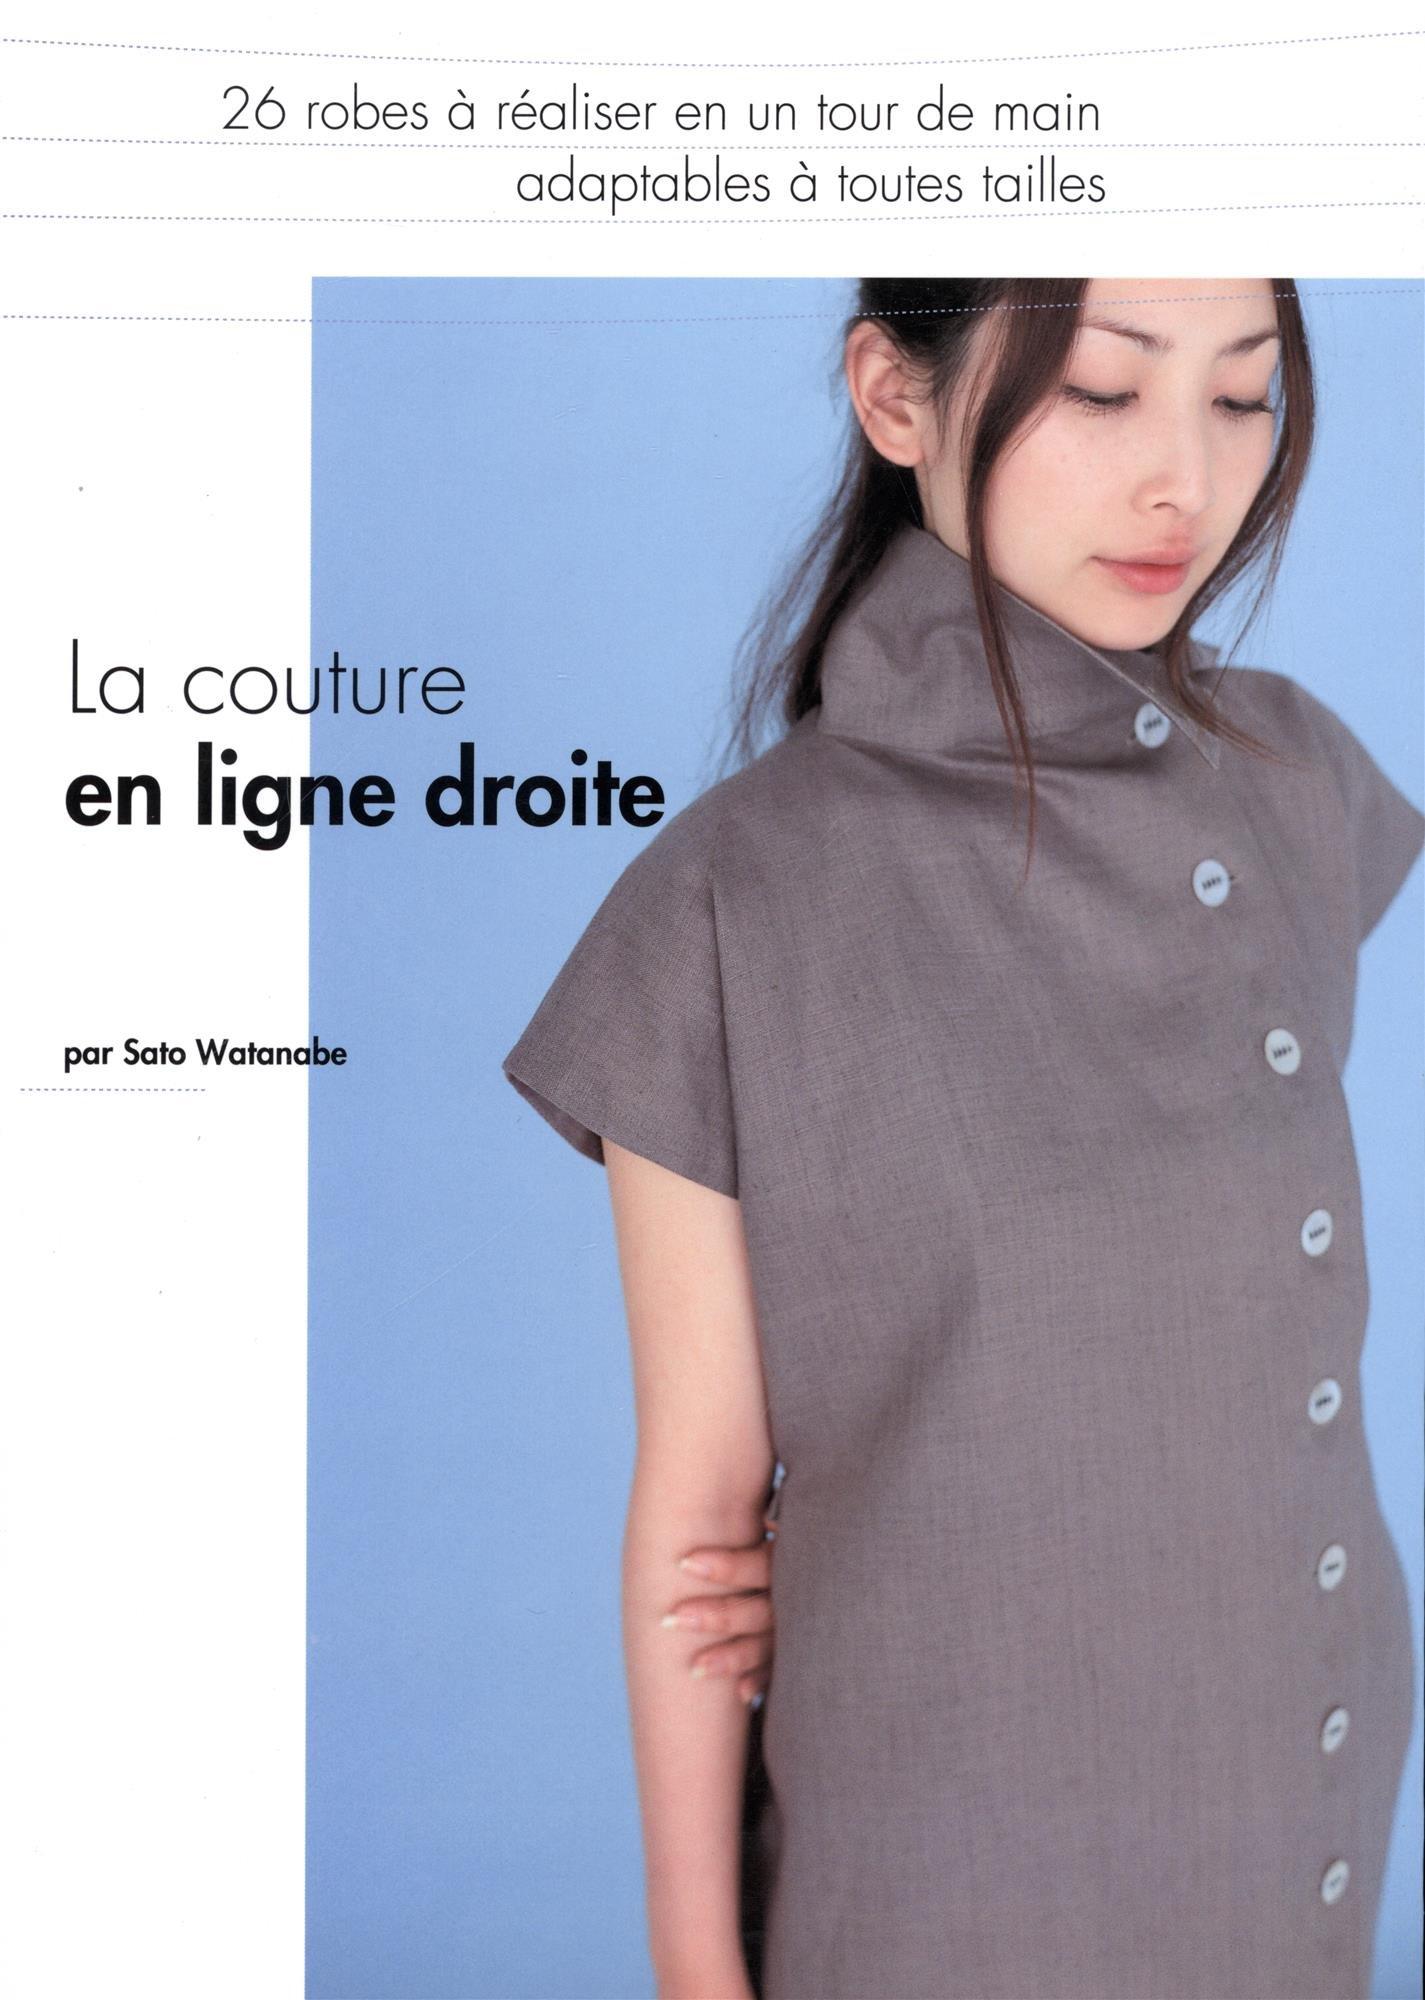 Amazon Co Jp La Couture En Ligne Droite 26 Robes A Realiser En Un Tour De Main Adaptables A Toutes Tailles Watanabe Sato Ɯ¬